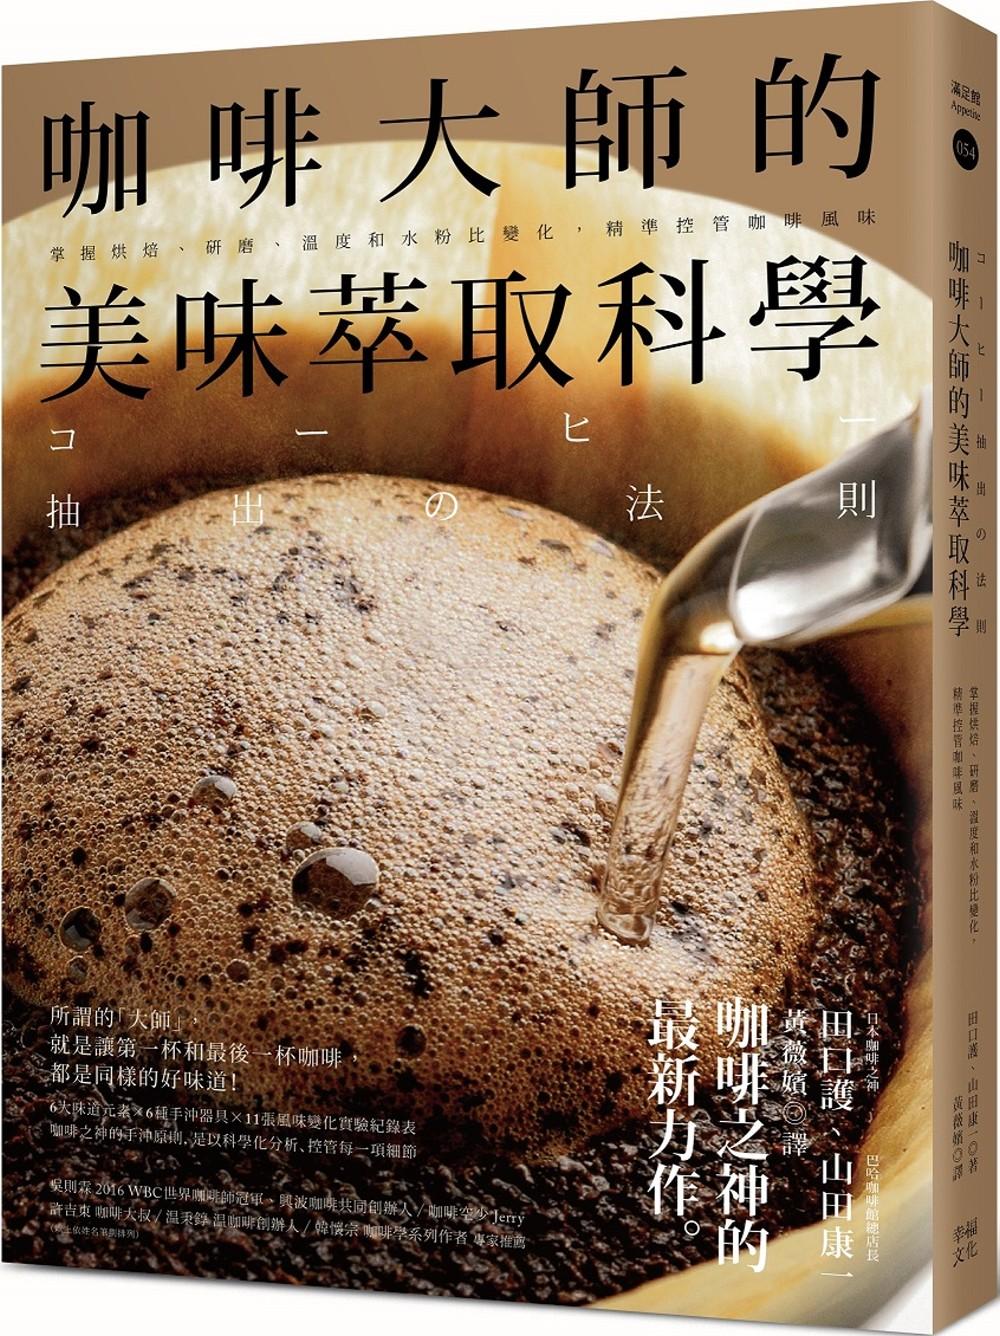 咖啡大師的美味萃取科學:掌握烘焙、研磨、溫度和水粉比變化,精準控管咖啡風味